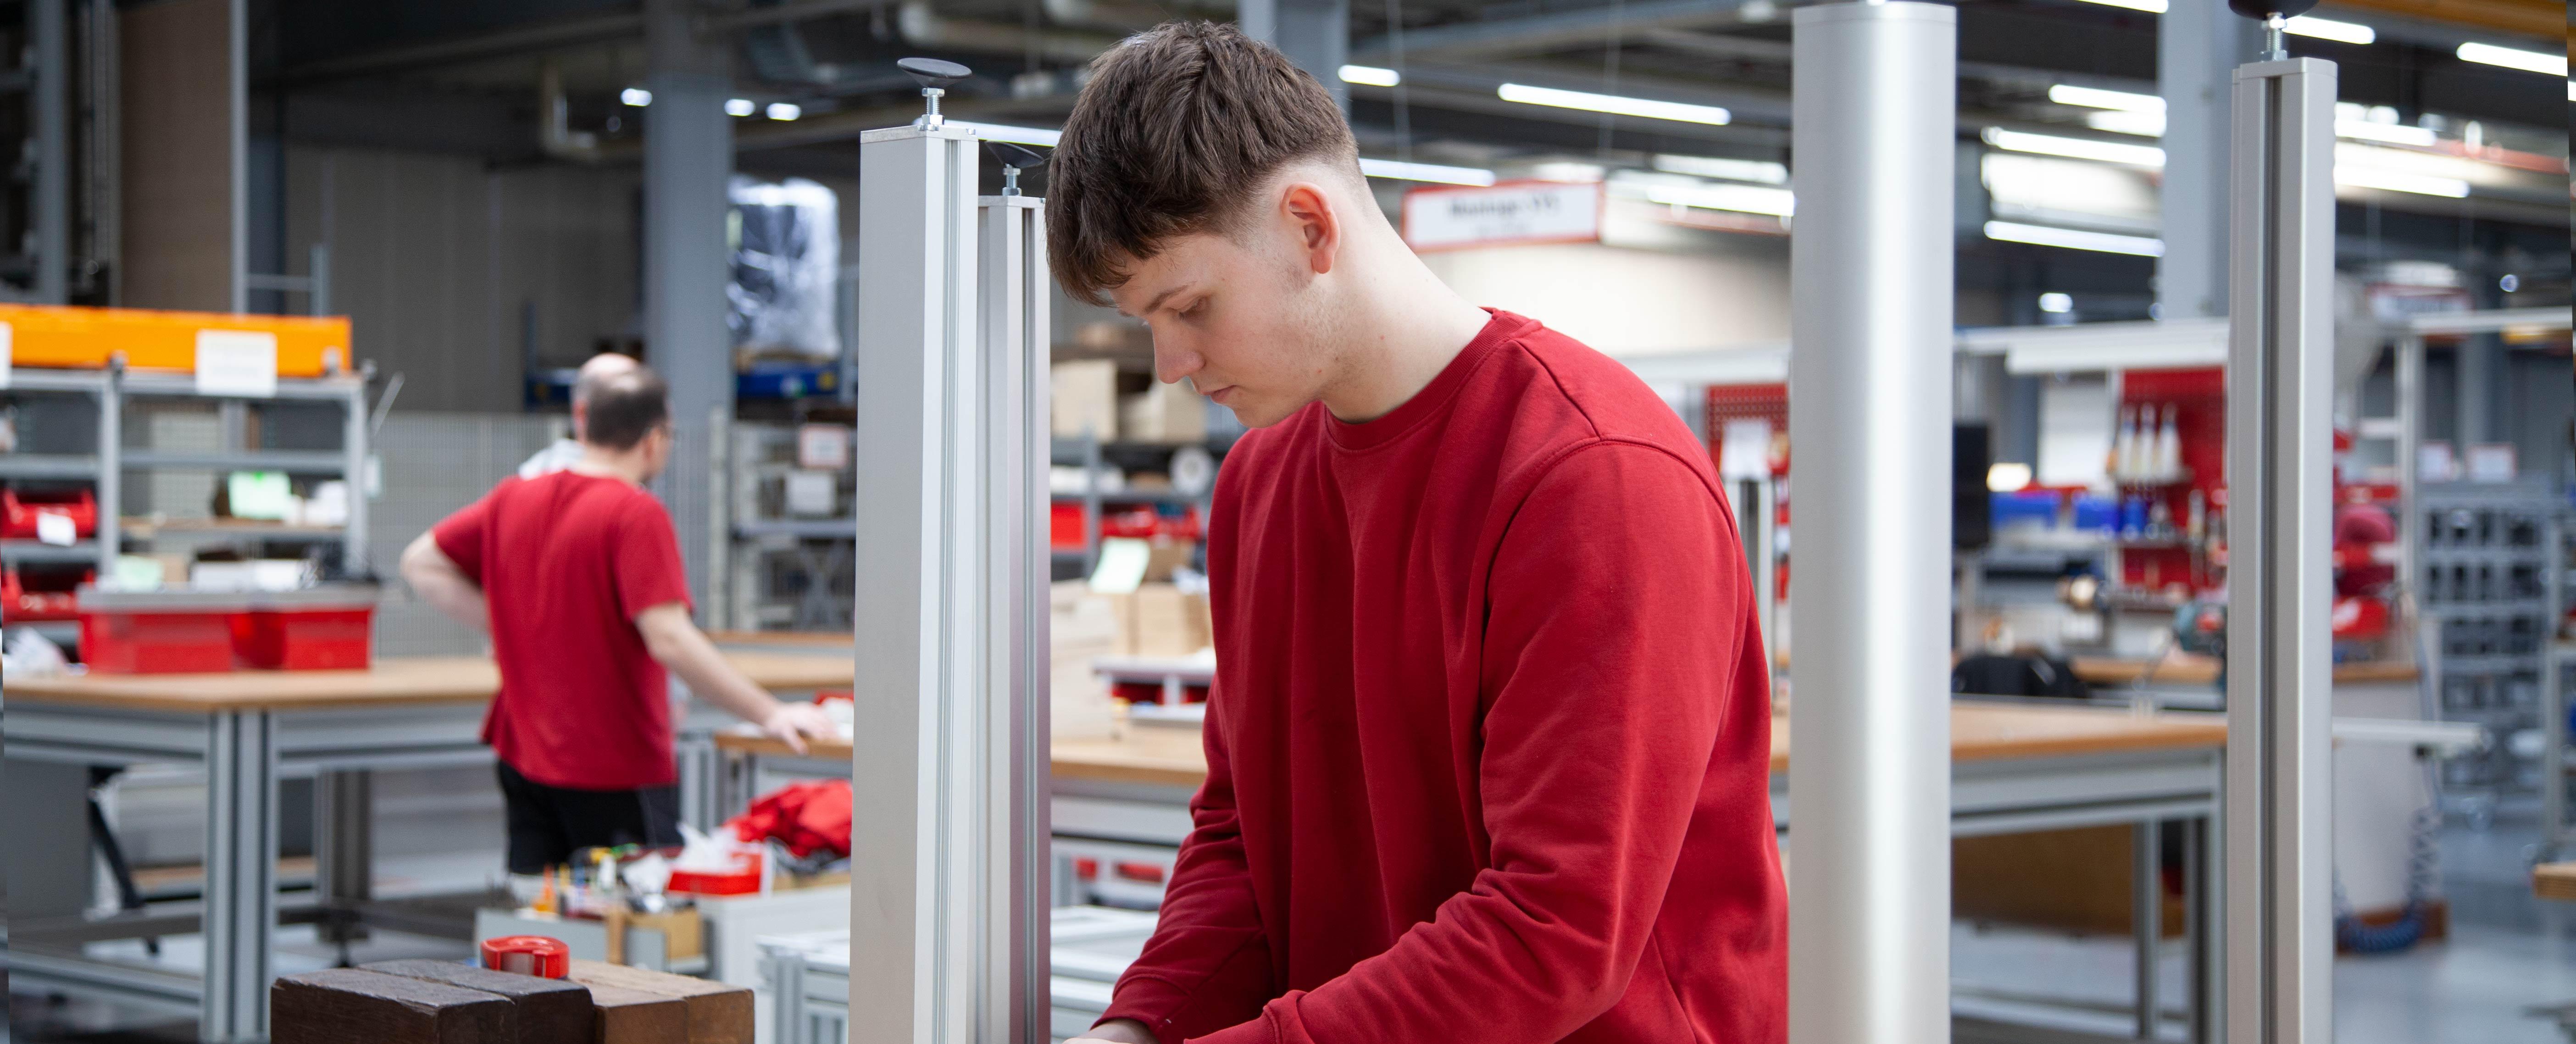 Ausbildung Industriemechaniker bei RK-AHT in Bienenbüttel